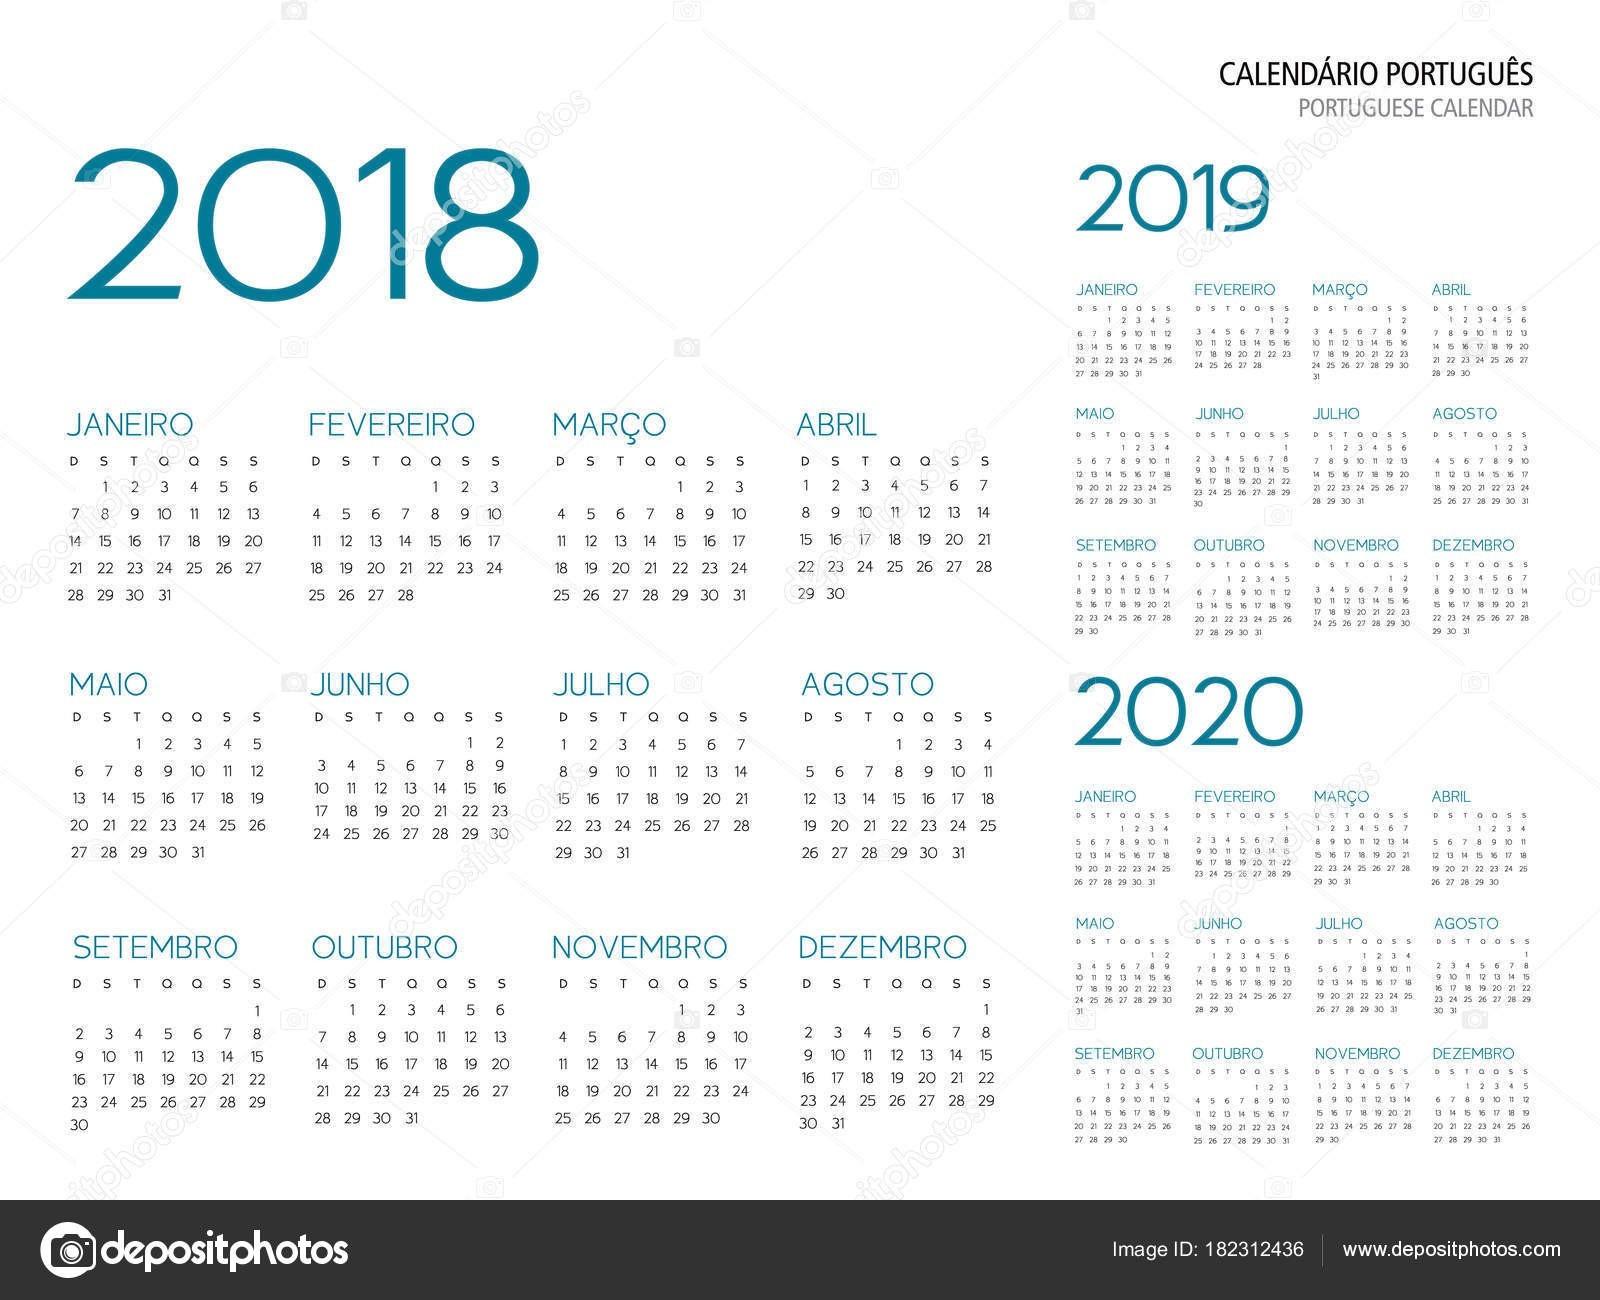 Calendario 2019 Y Dias Feriados Más Caliente Este Es Sin Duda Calendario 2019 Imprimir Portugues Of Calendario 2019 Y Dias Feriados Mejores Y Más Novedosos Esto Es Exactamente Calendario Imprimir 2019 Excel